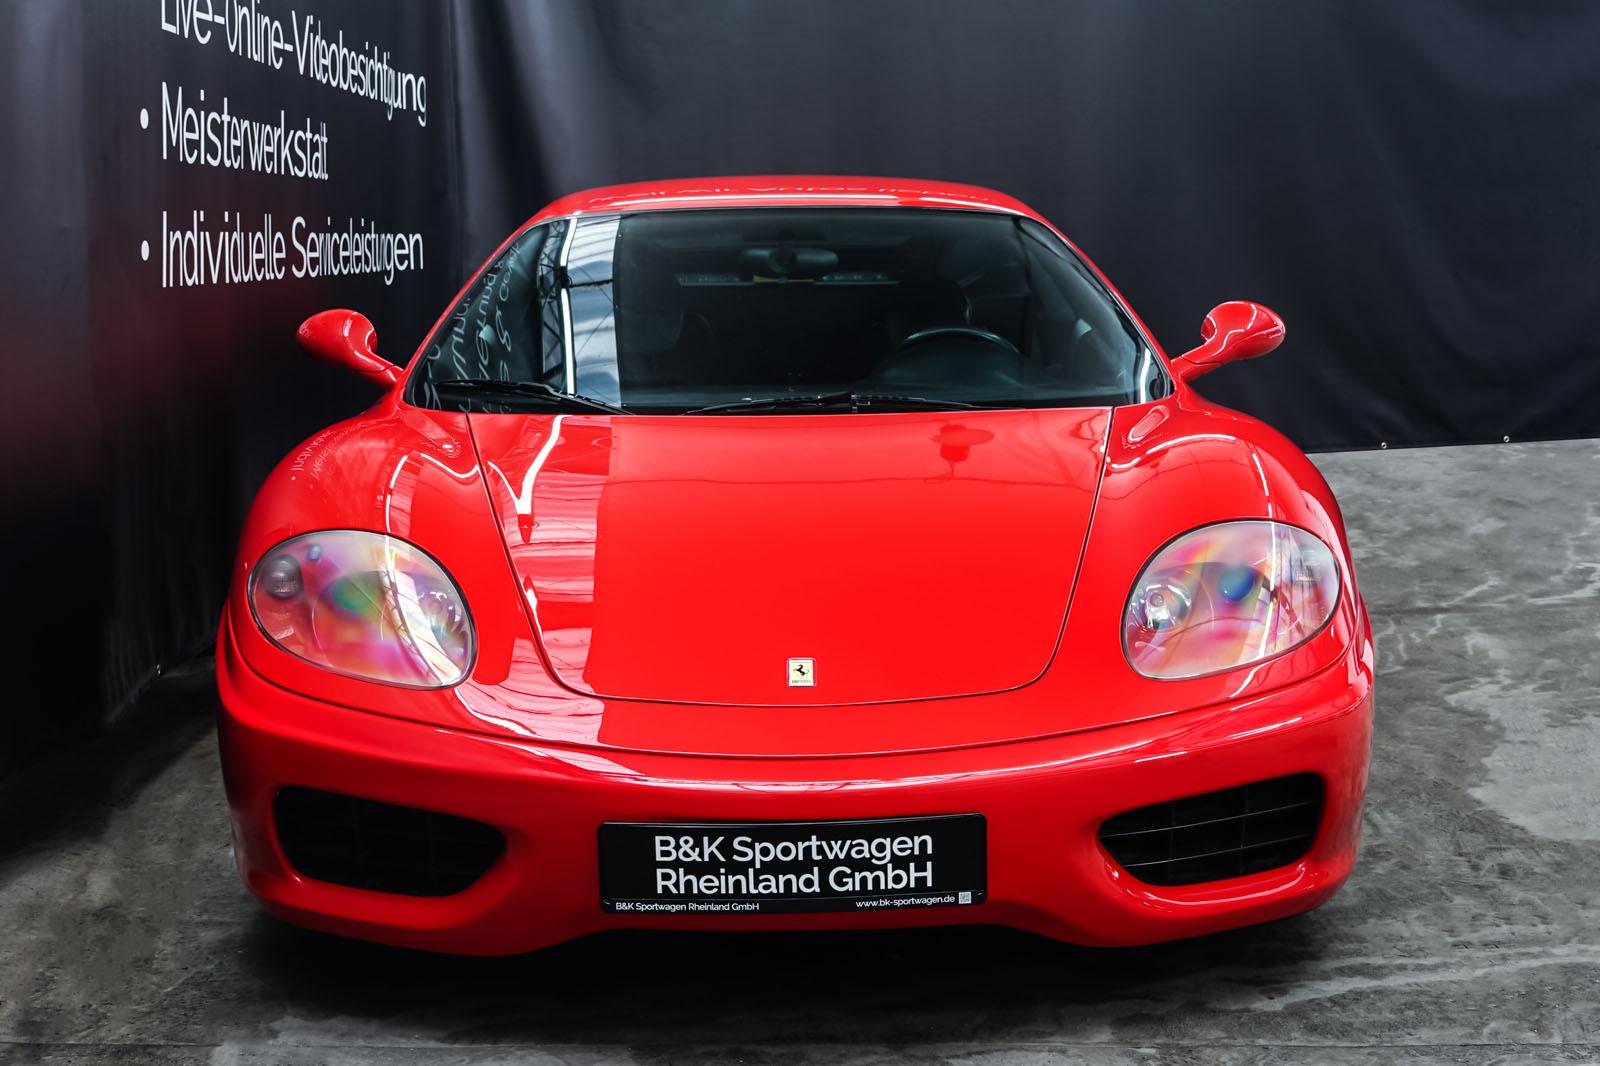 Ferrari_360_Modena_Rot_Schwarz_FER-4576_1_w